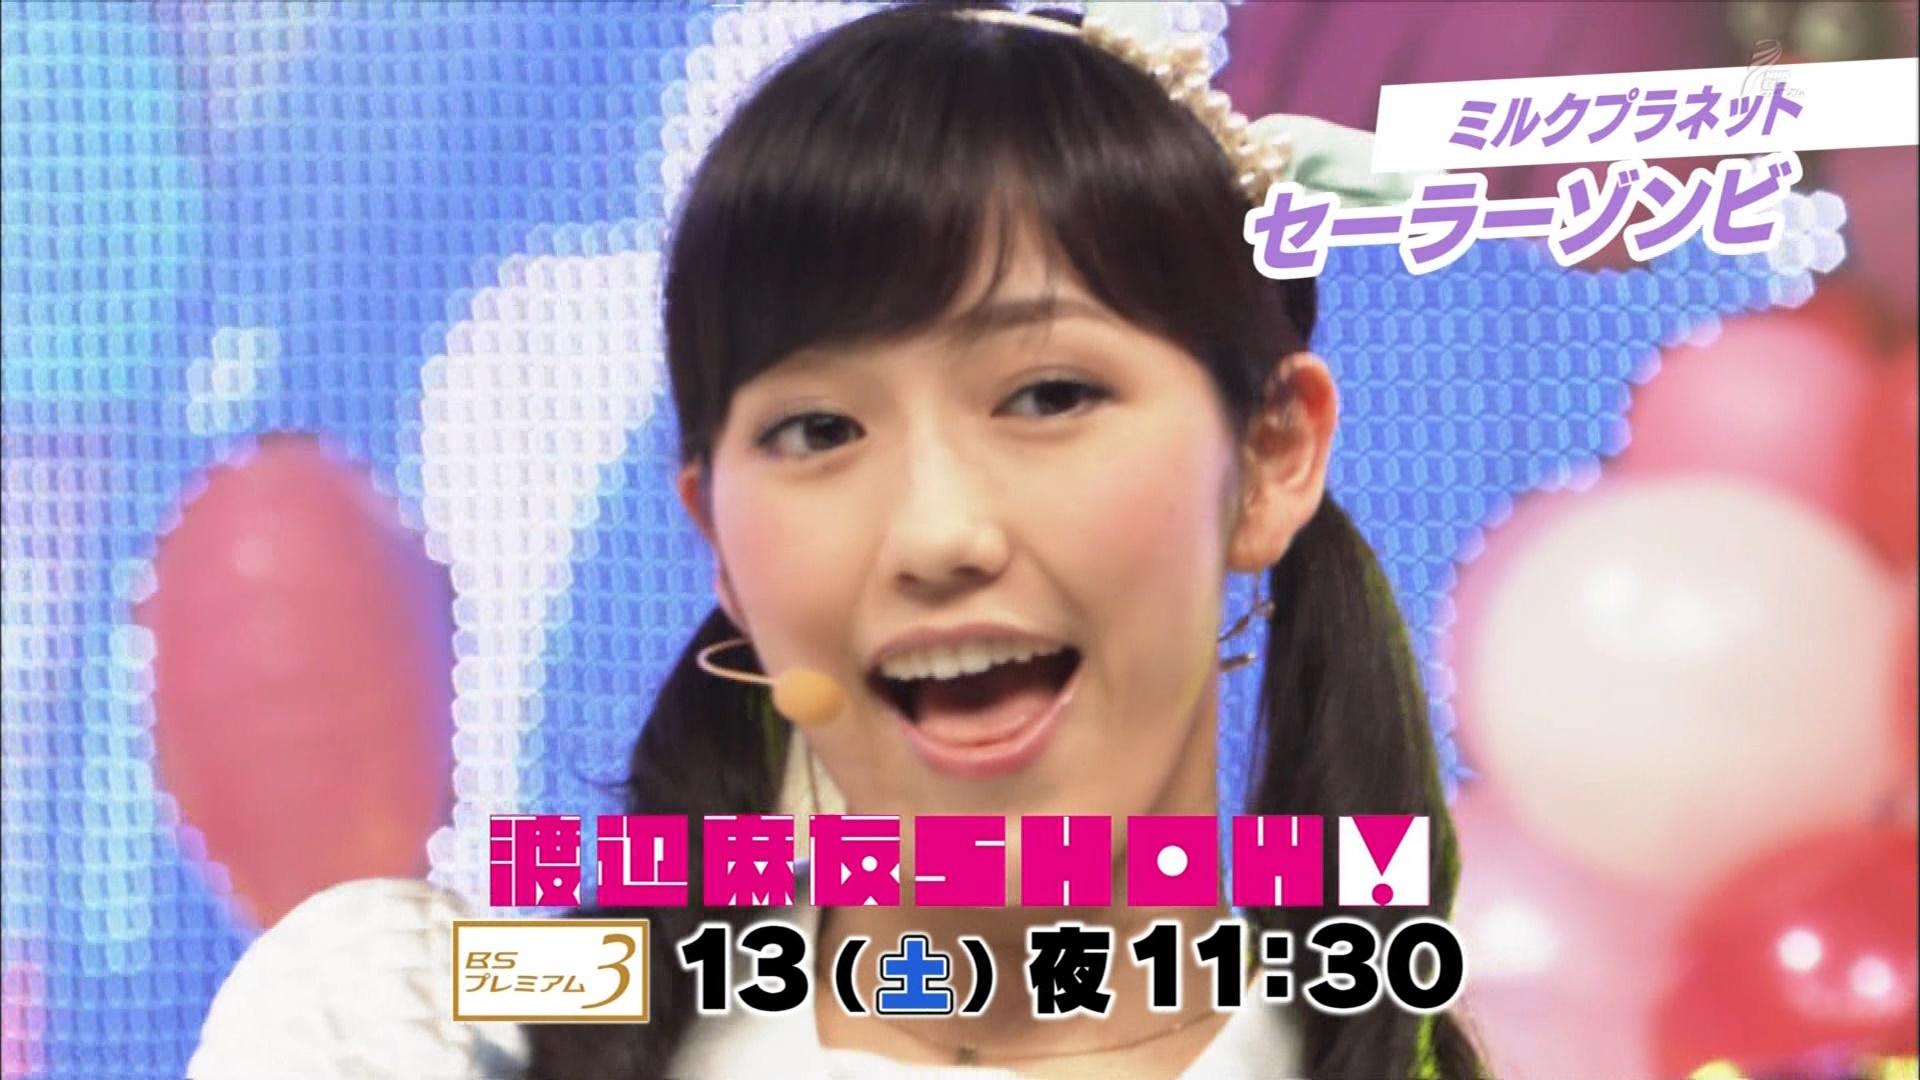 渡辺麻友SHOW!予告 AKB48SHOW! 20140906 (17)